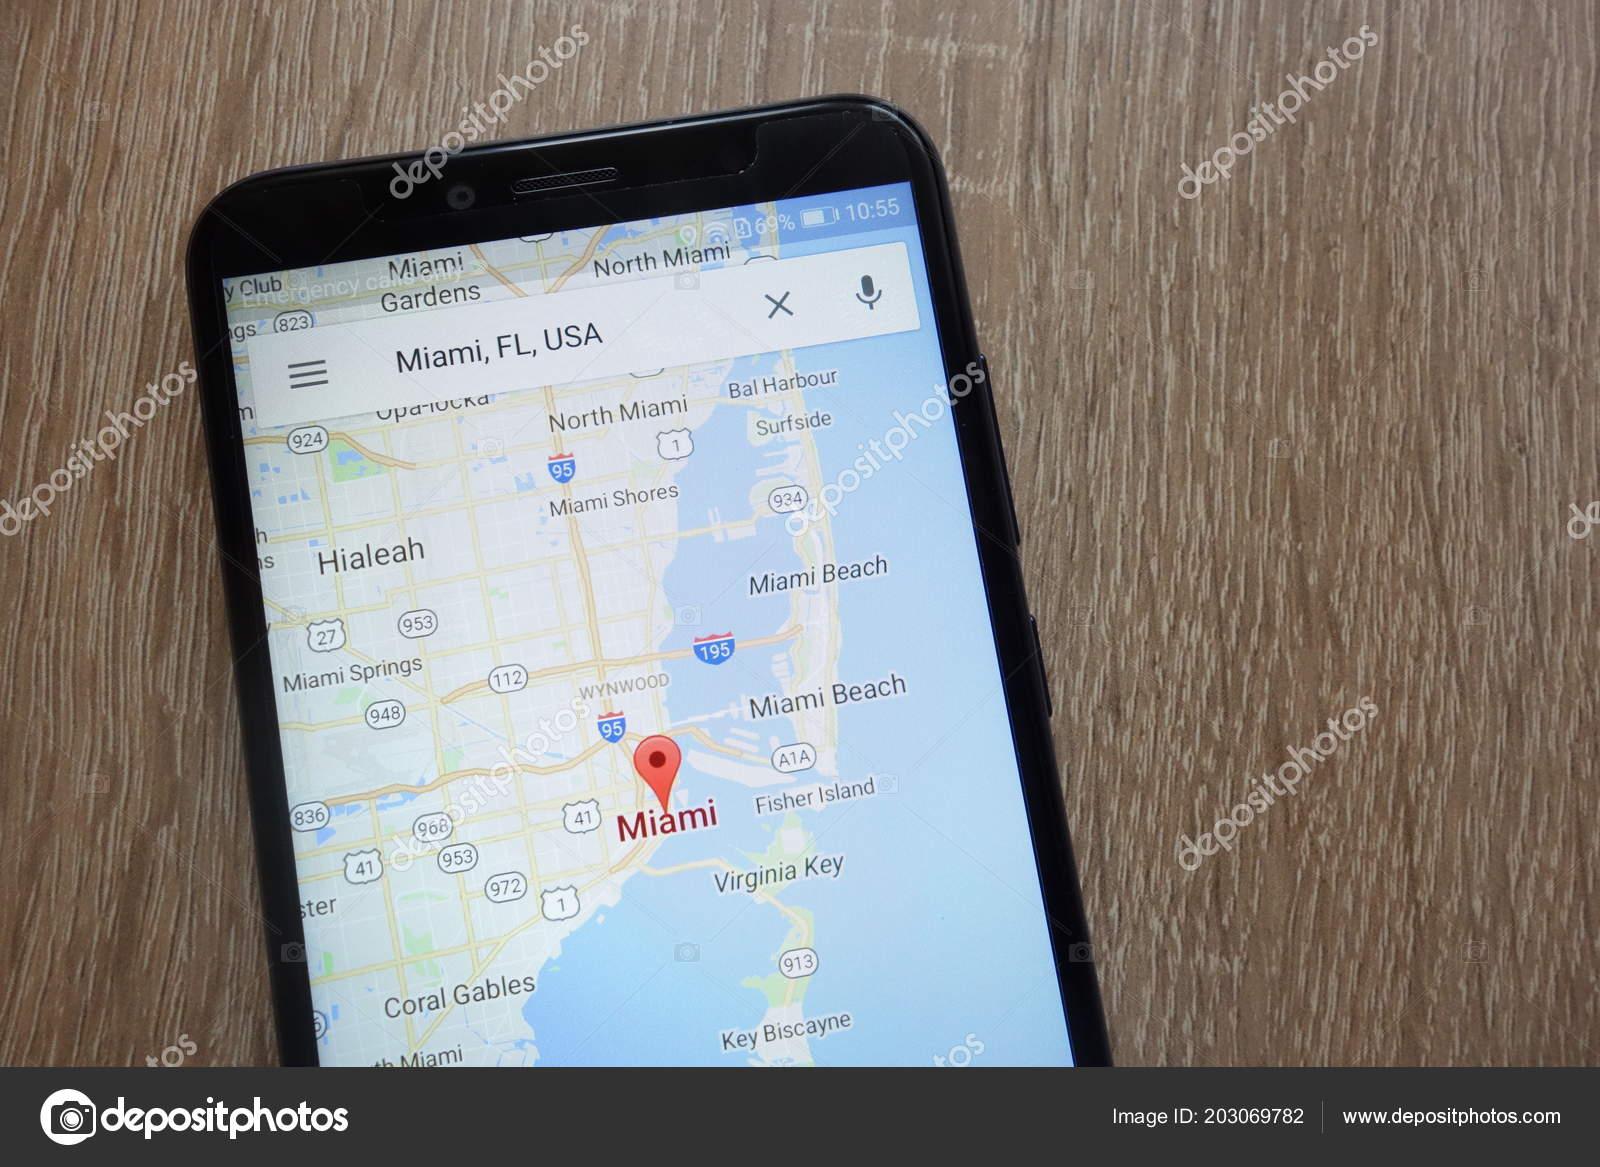 Konskie Polen Juni 2018 Miami Lage Auf Google Maps App ...